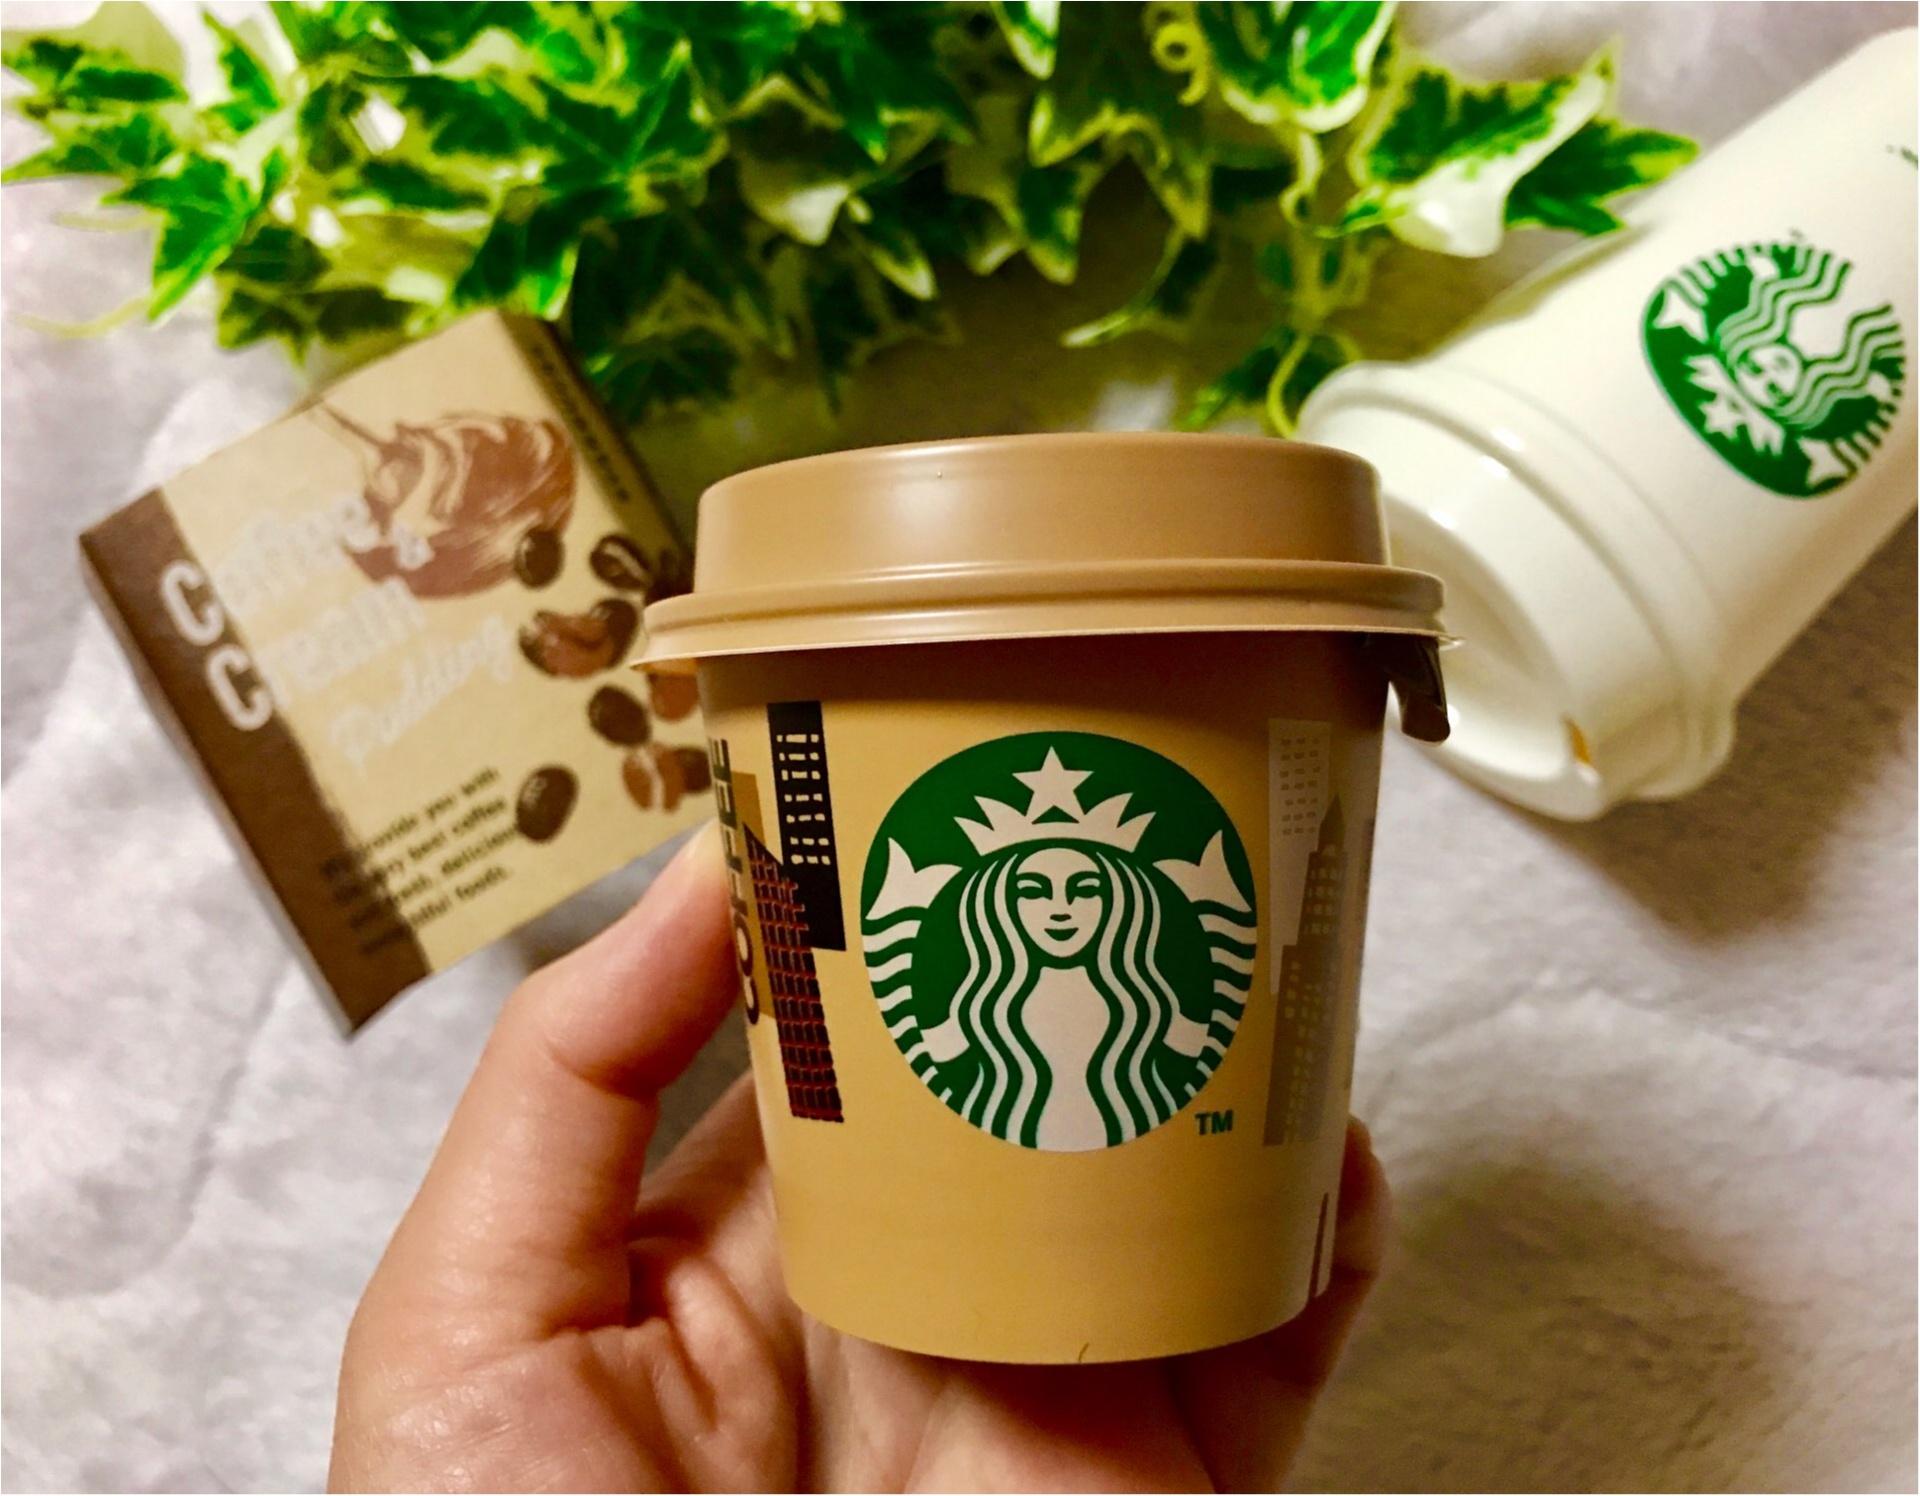 【スタバ】ドリンクだけじゃない!大人気のスタバプリンから《コーヒー&クリームプリン》が新発売★なんとプリンの中にコーヒージェリーが♡♡_4